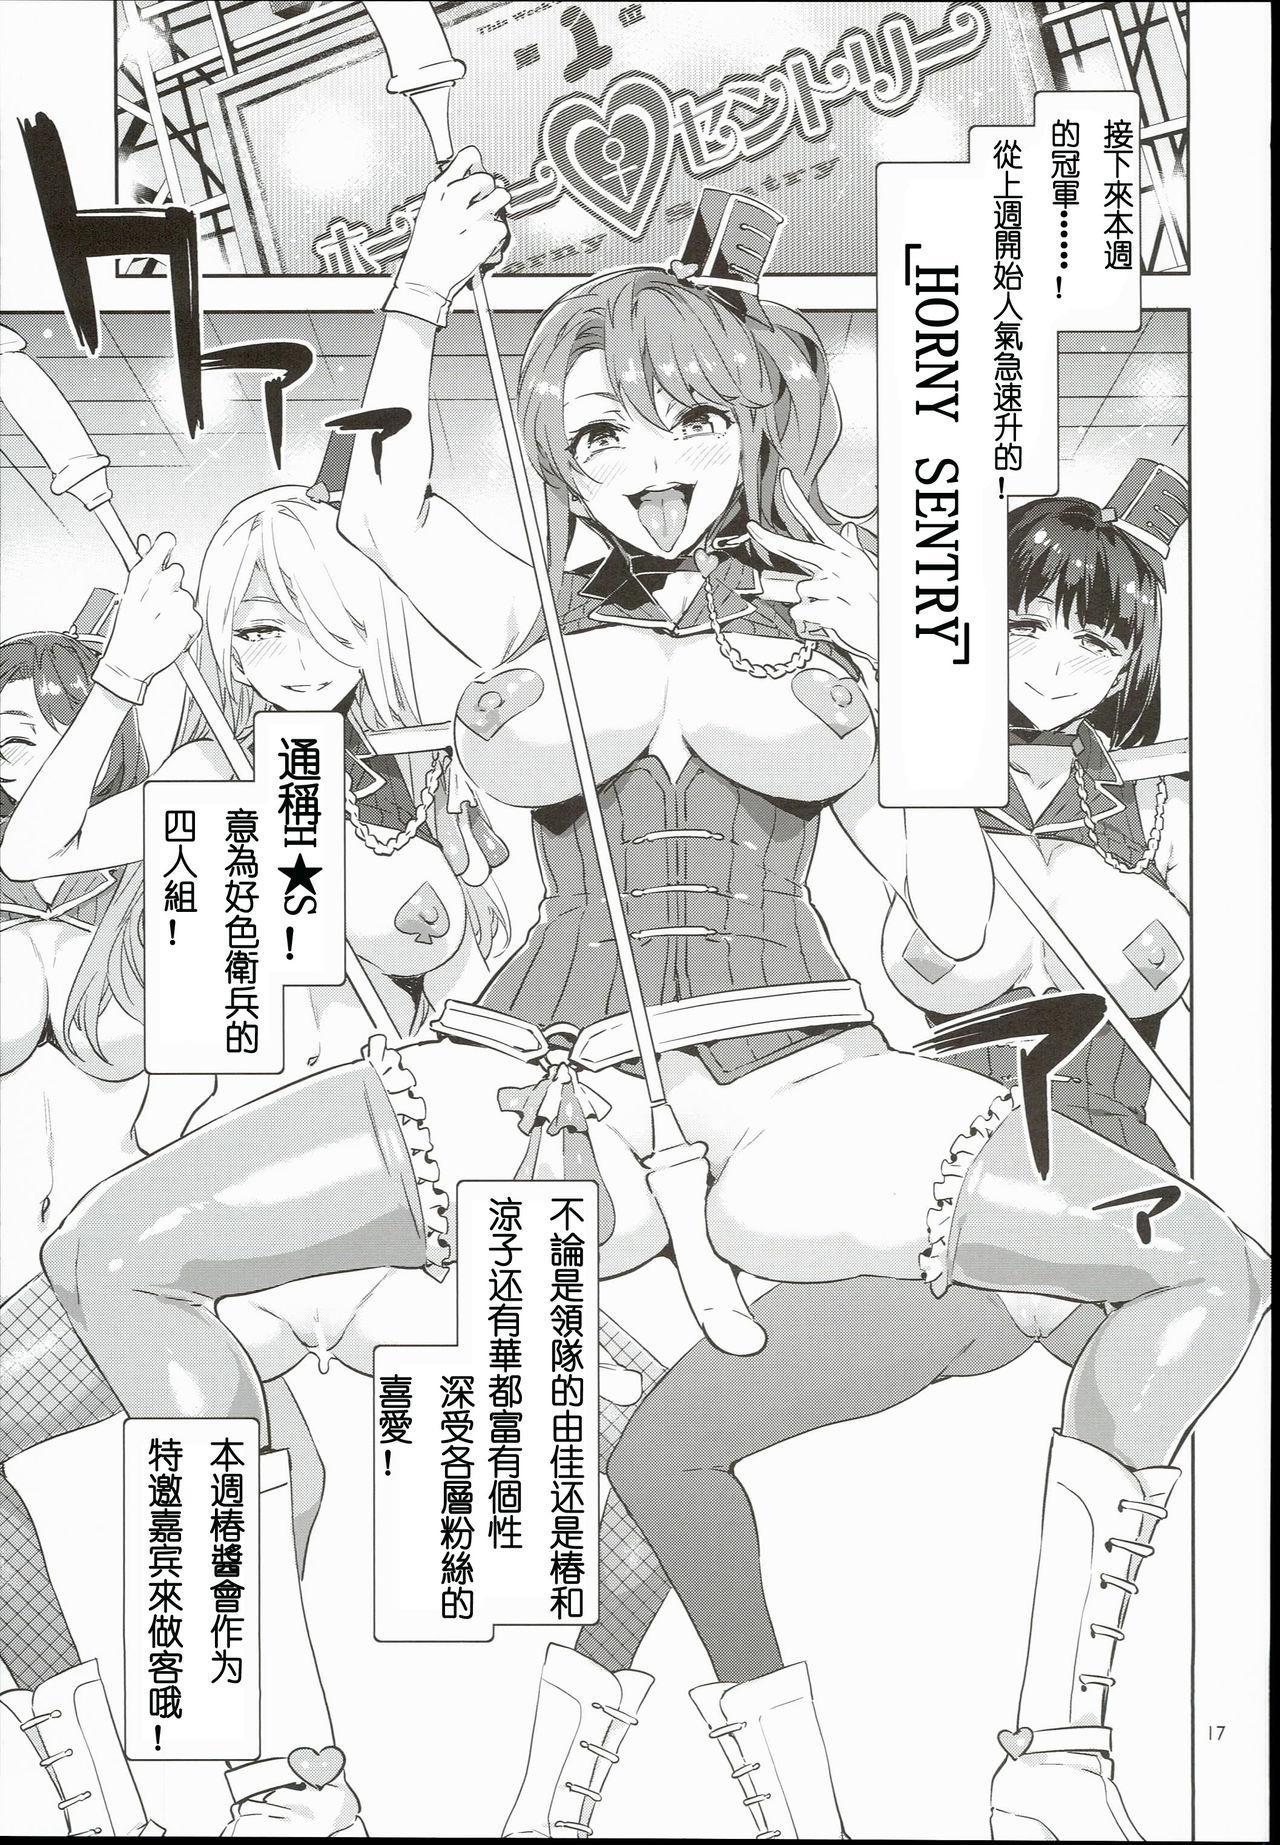 Oideyo! Mizuryu Kei Land 3.5 Bangaihen 16